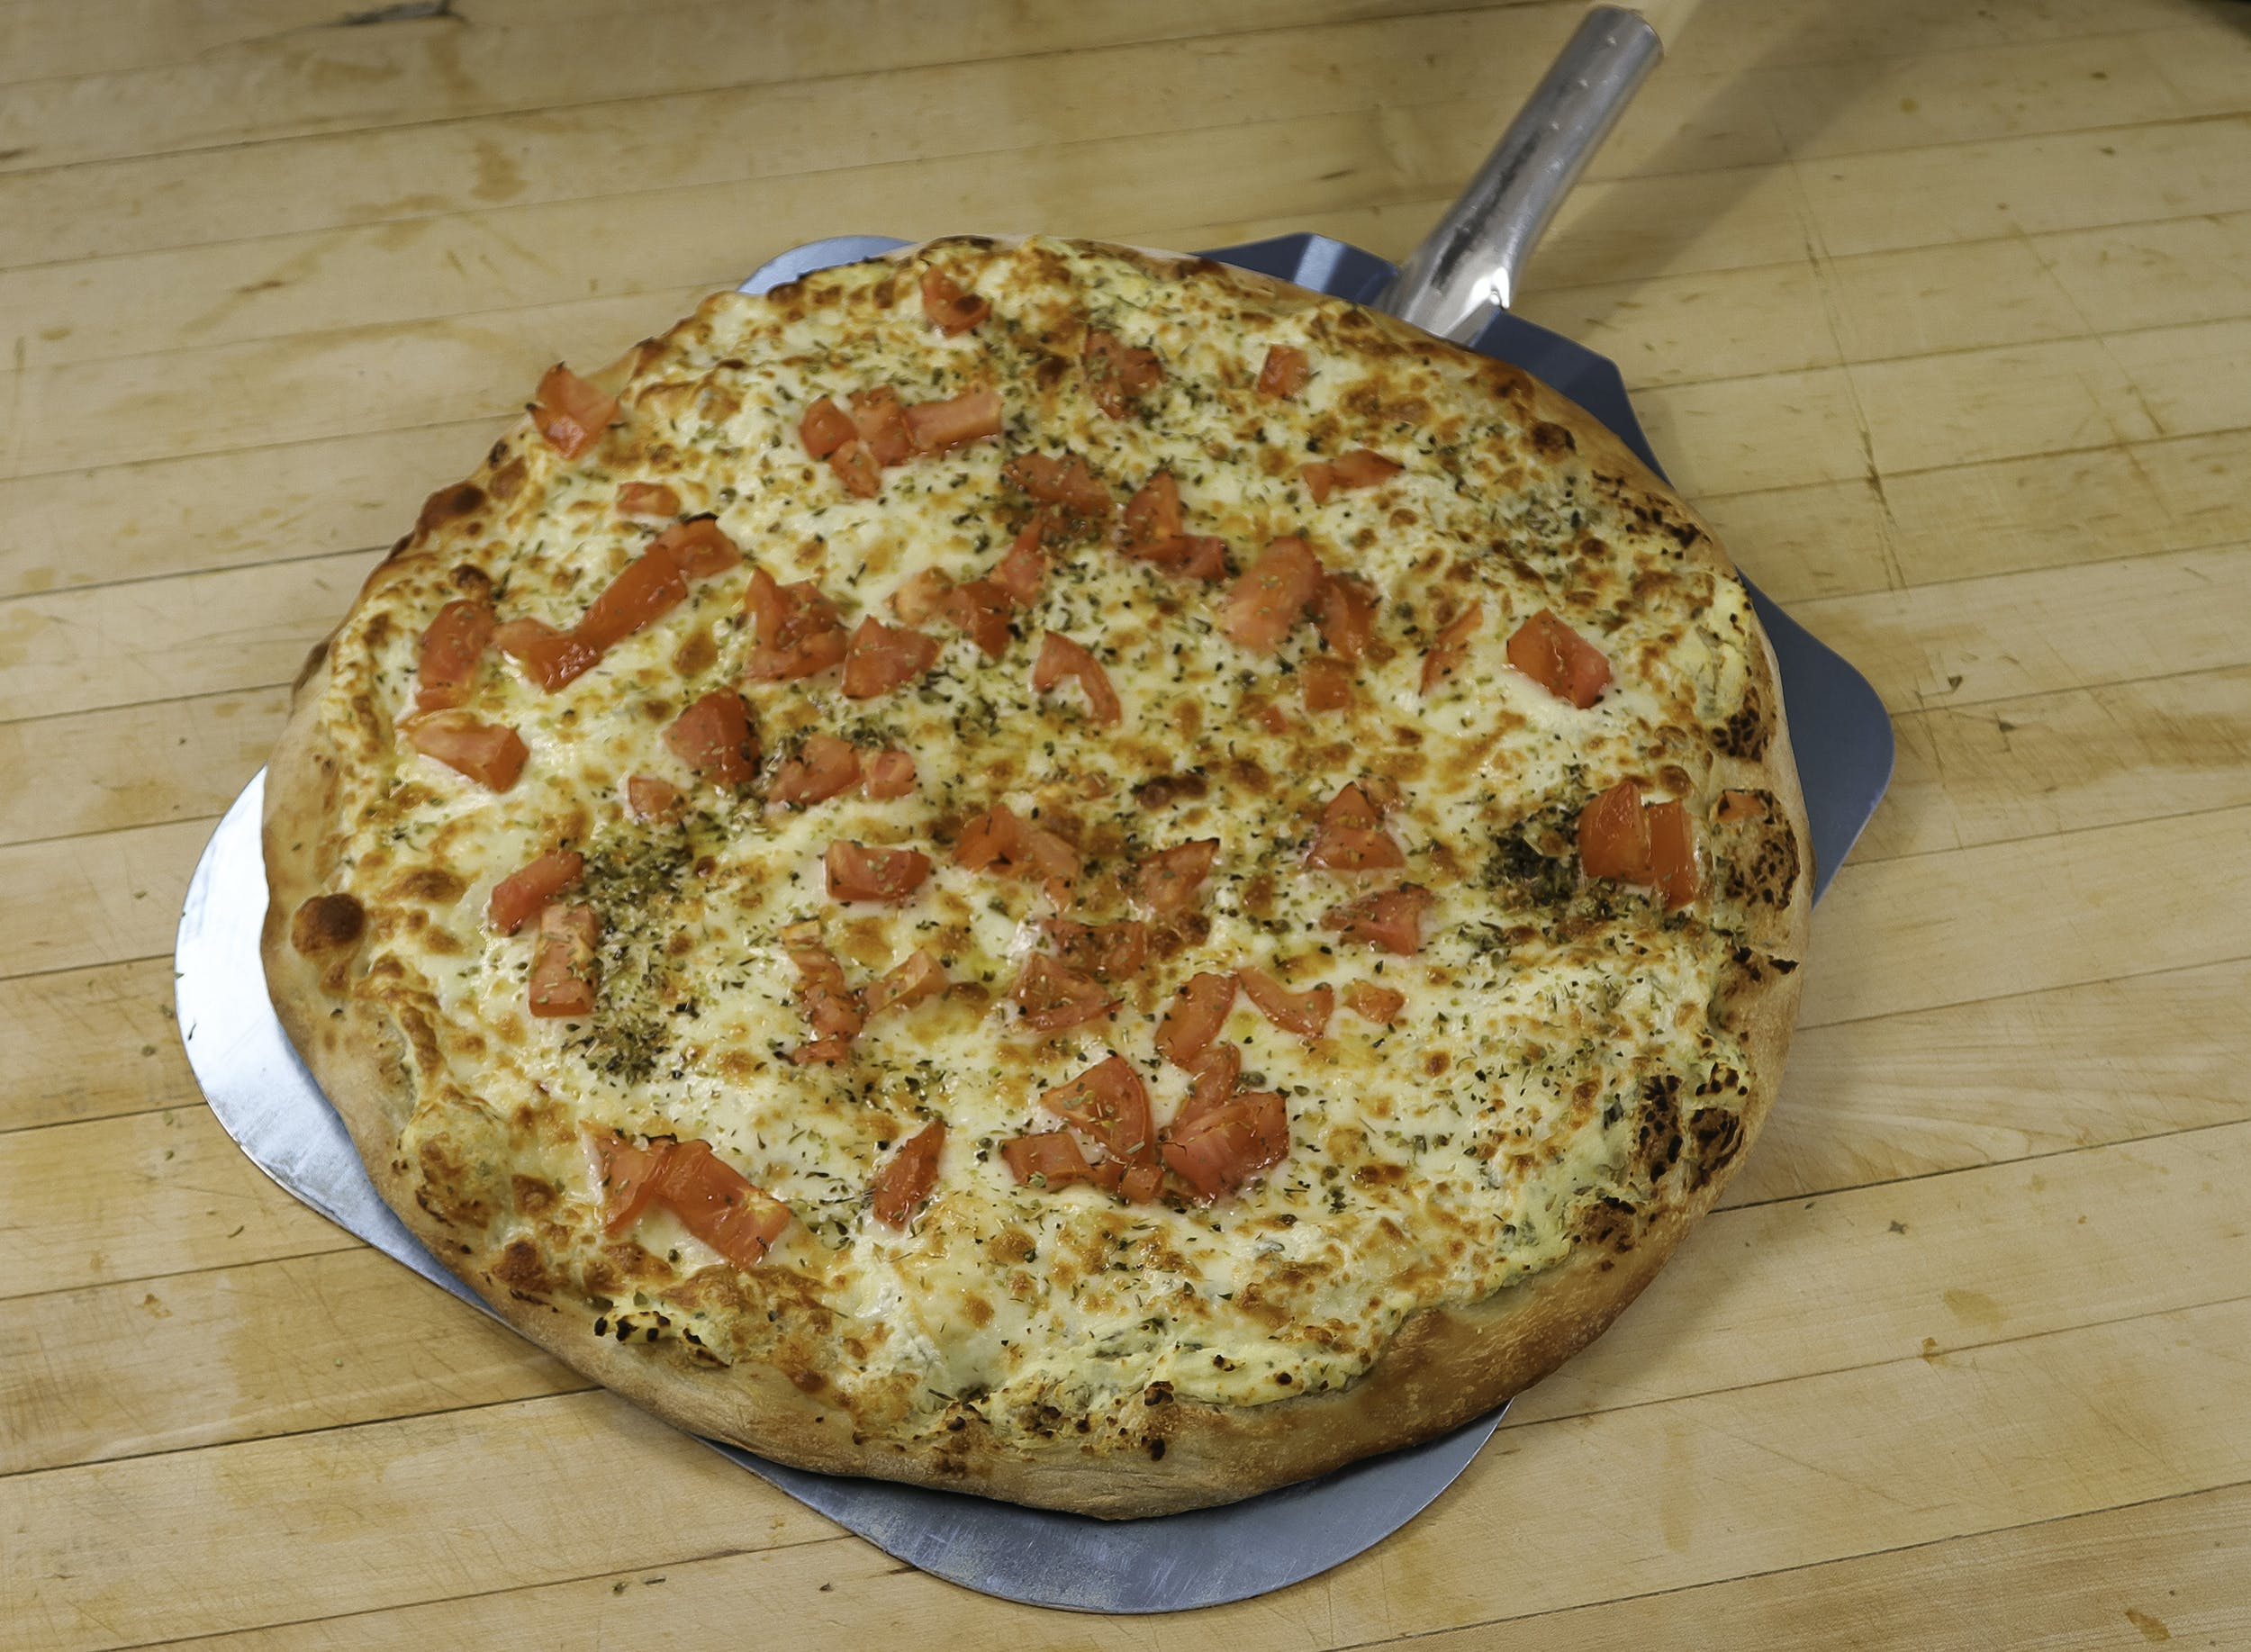 White Knight Pizza from Ameci Pizza & Pasta - Irvine in Irvine, CA